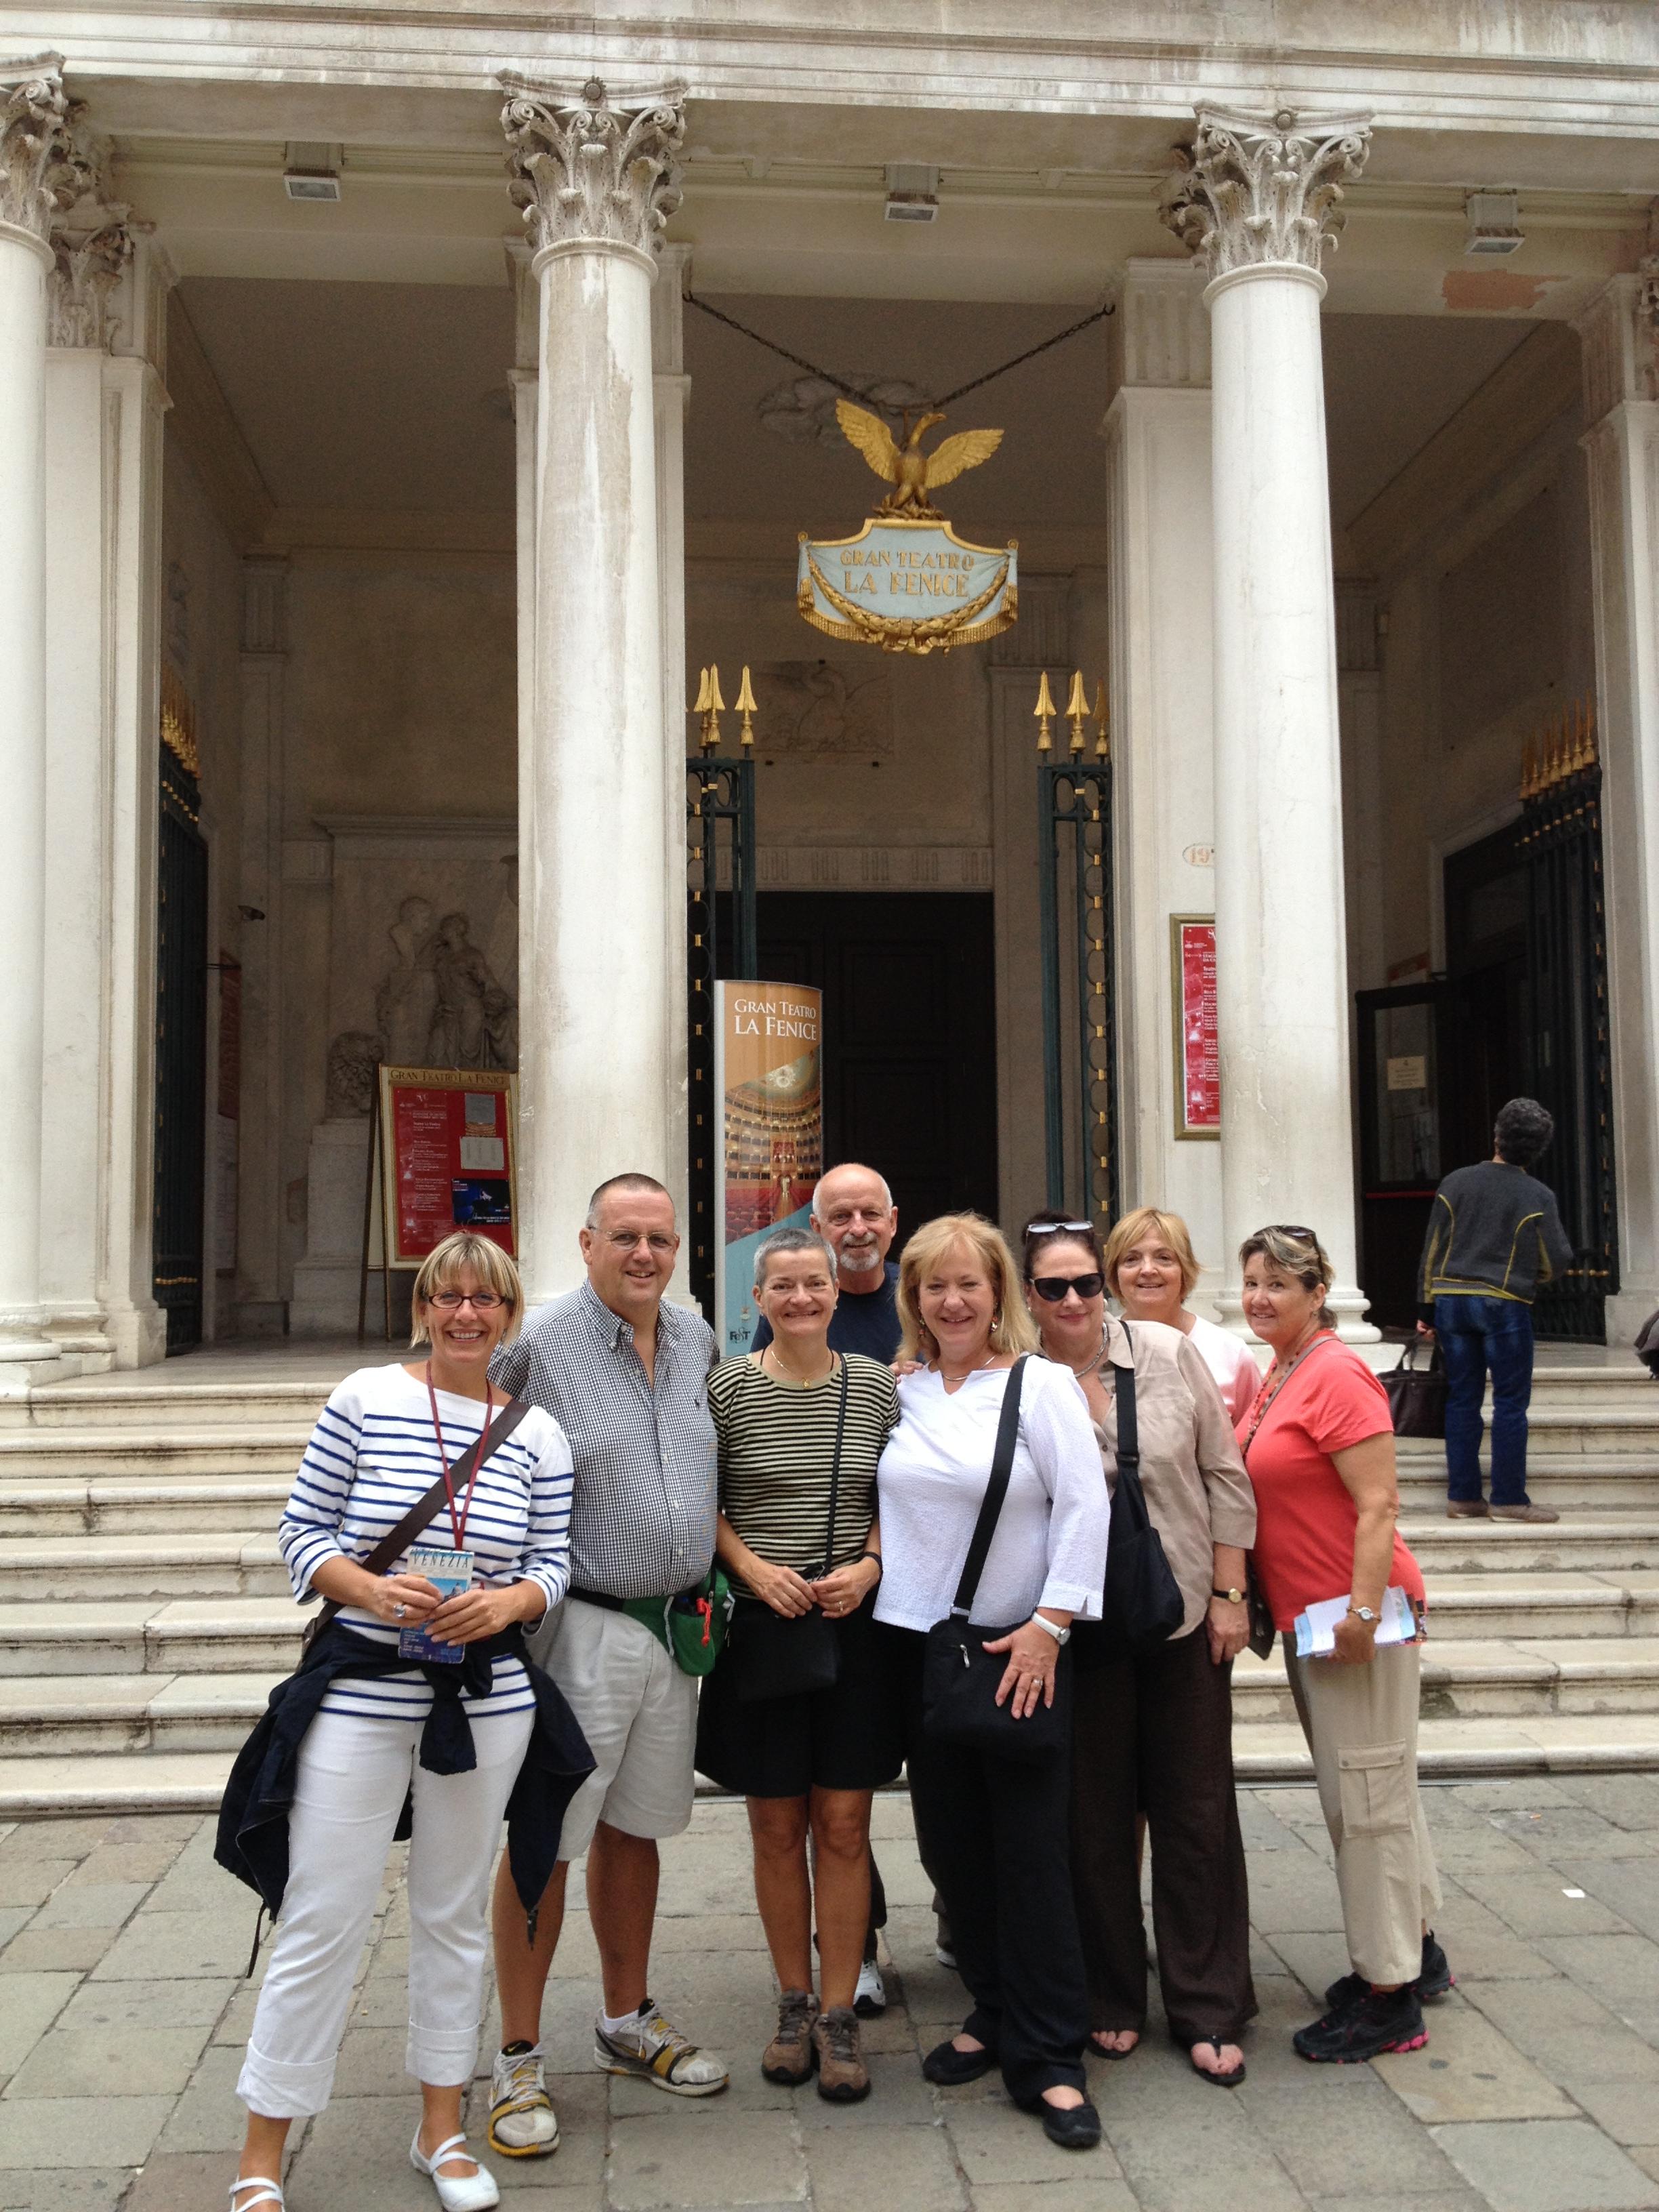 Sabrina, A Guide in Venice